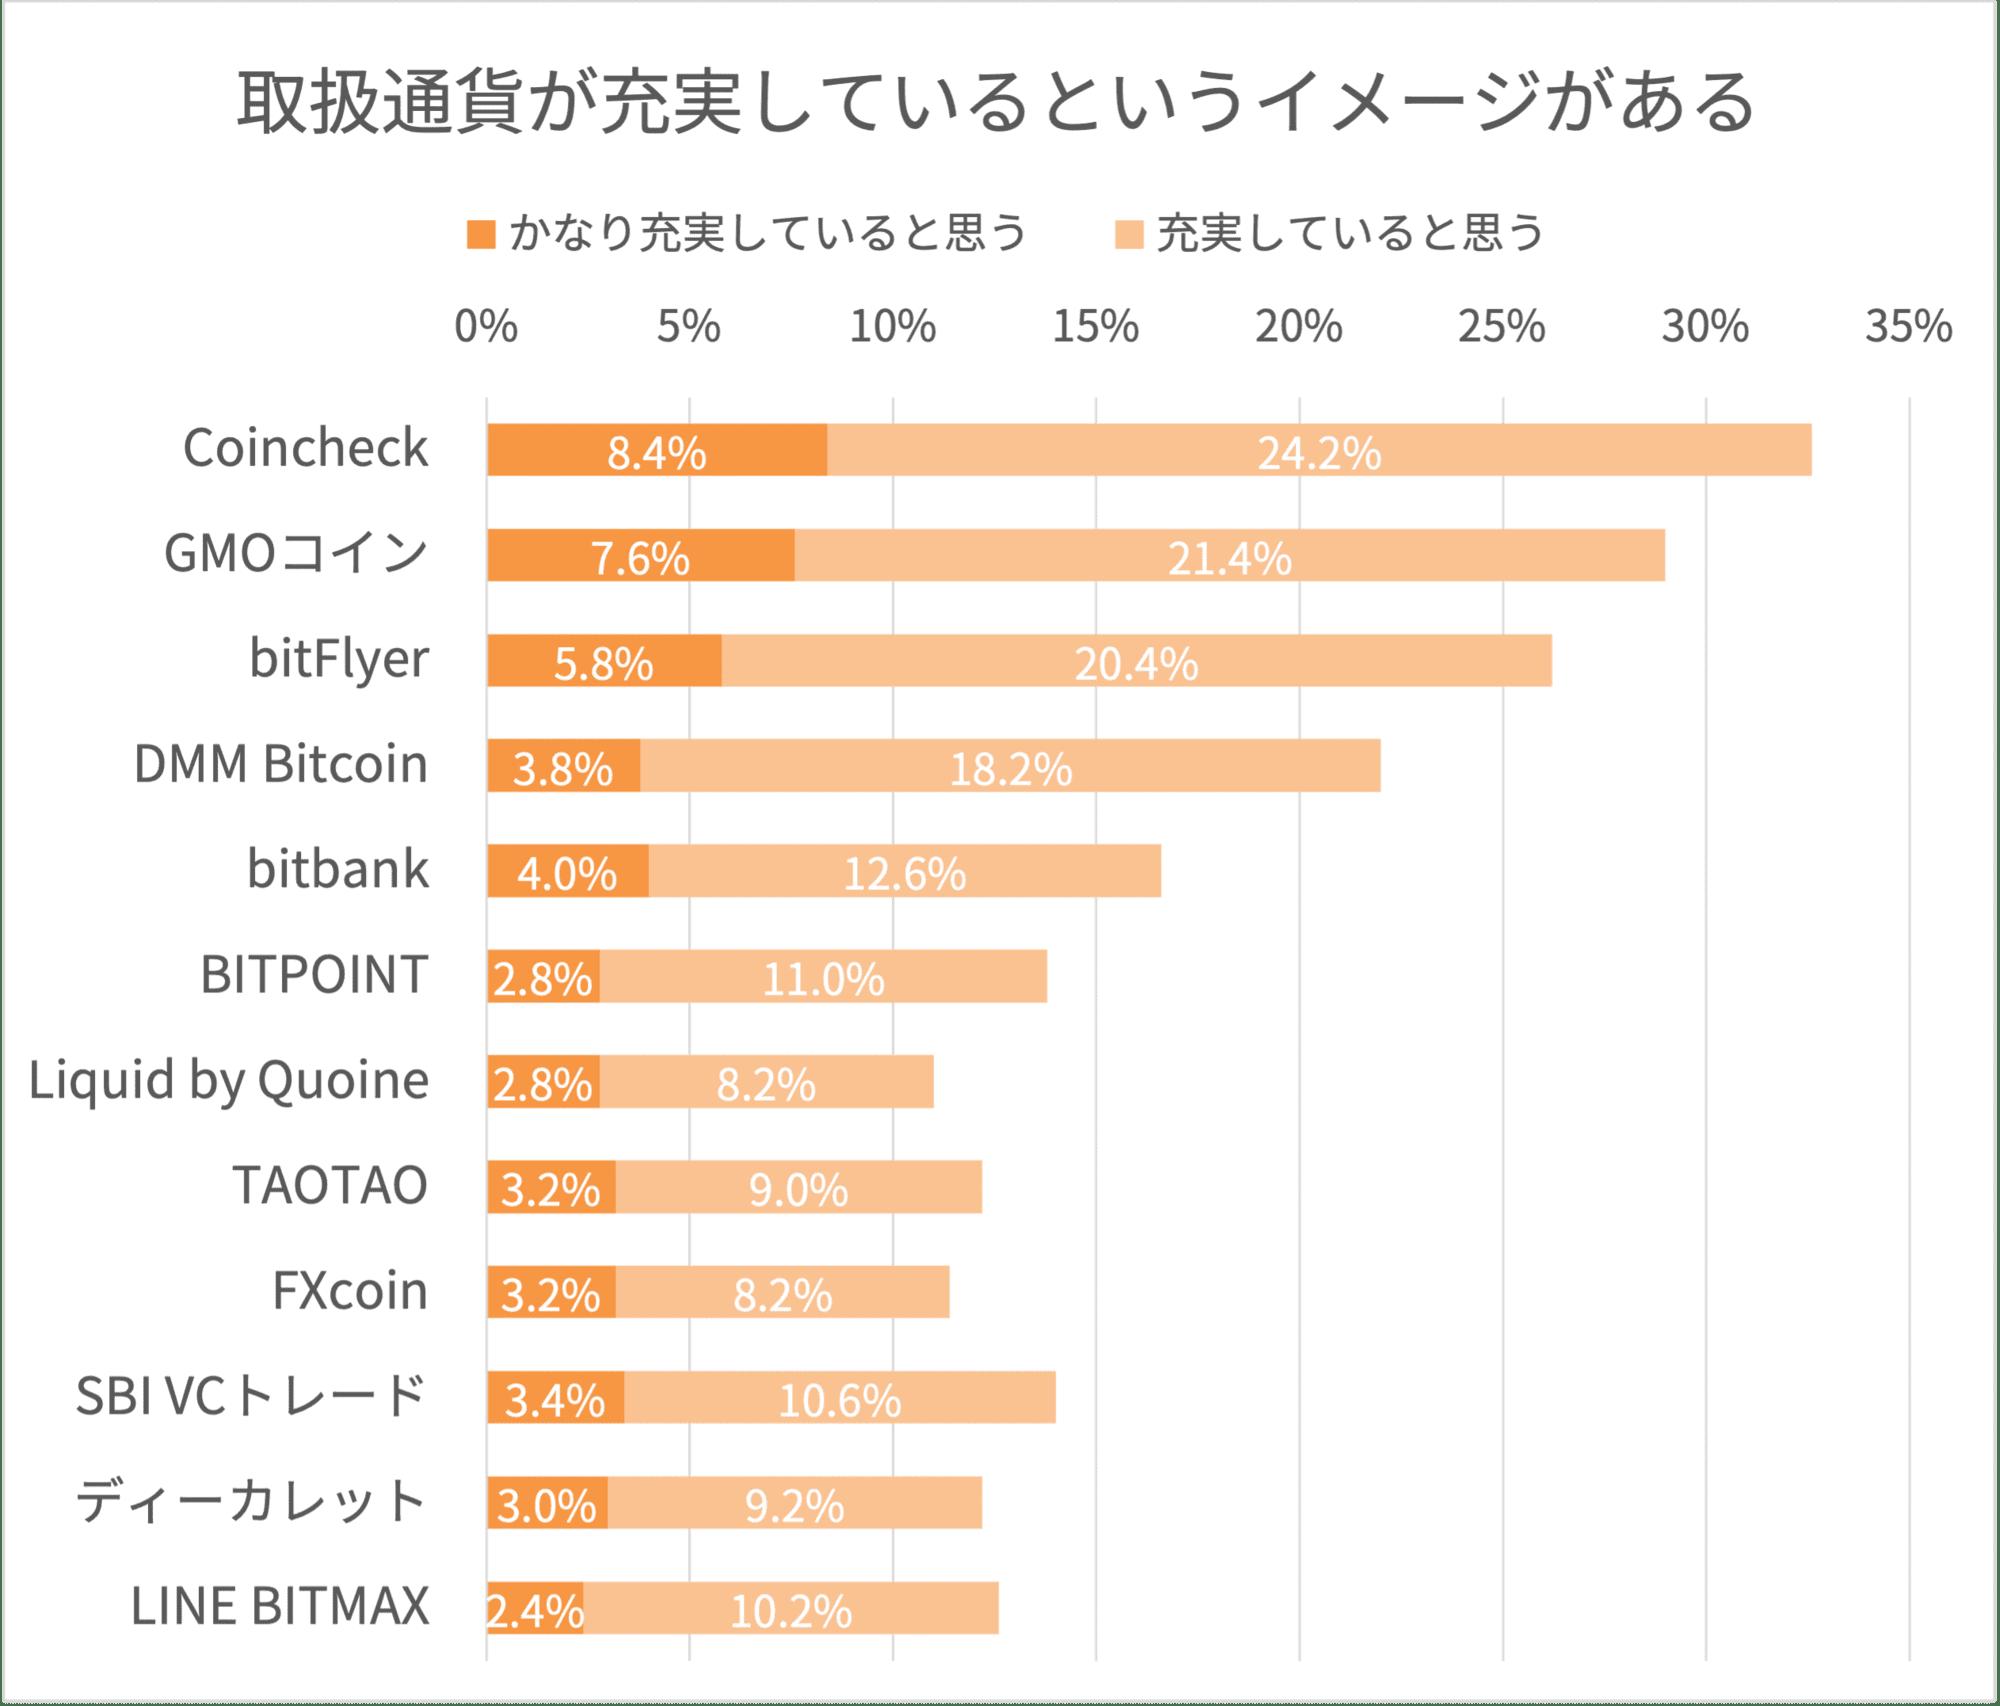 暗号資産取引所の取扱通貨数に関するイメージ調査結果